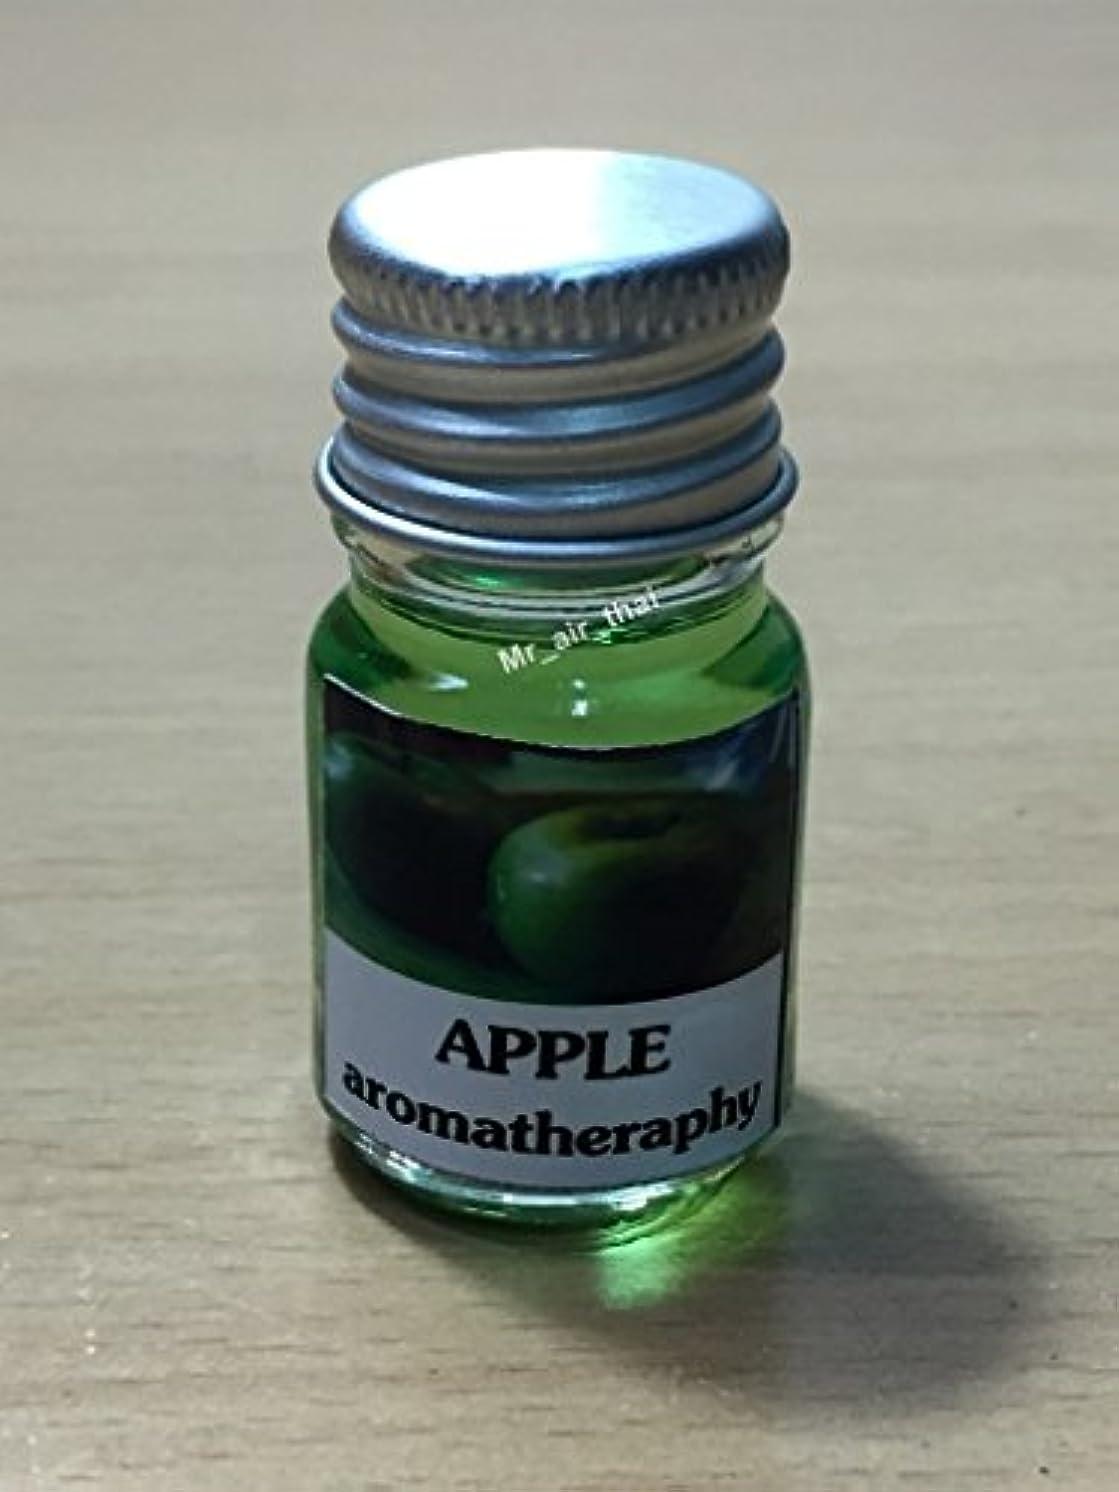 未使用段落ほとんどない5ミリリットルアロマアップル(グリーン)フランクインセンスエッセンシャルオイルボトルアロマテラピーオイル自然自然5ml Aroma Apple (Green) Frankincense Essential Oil Bottles...